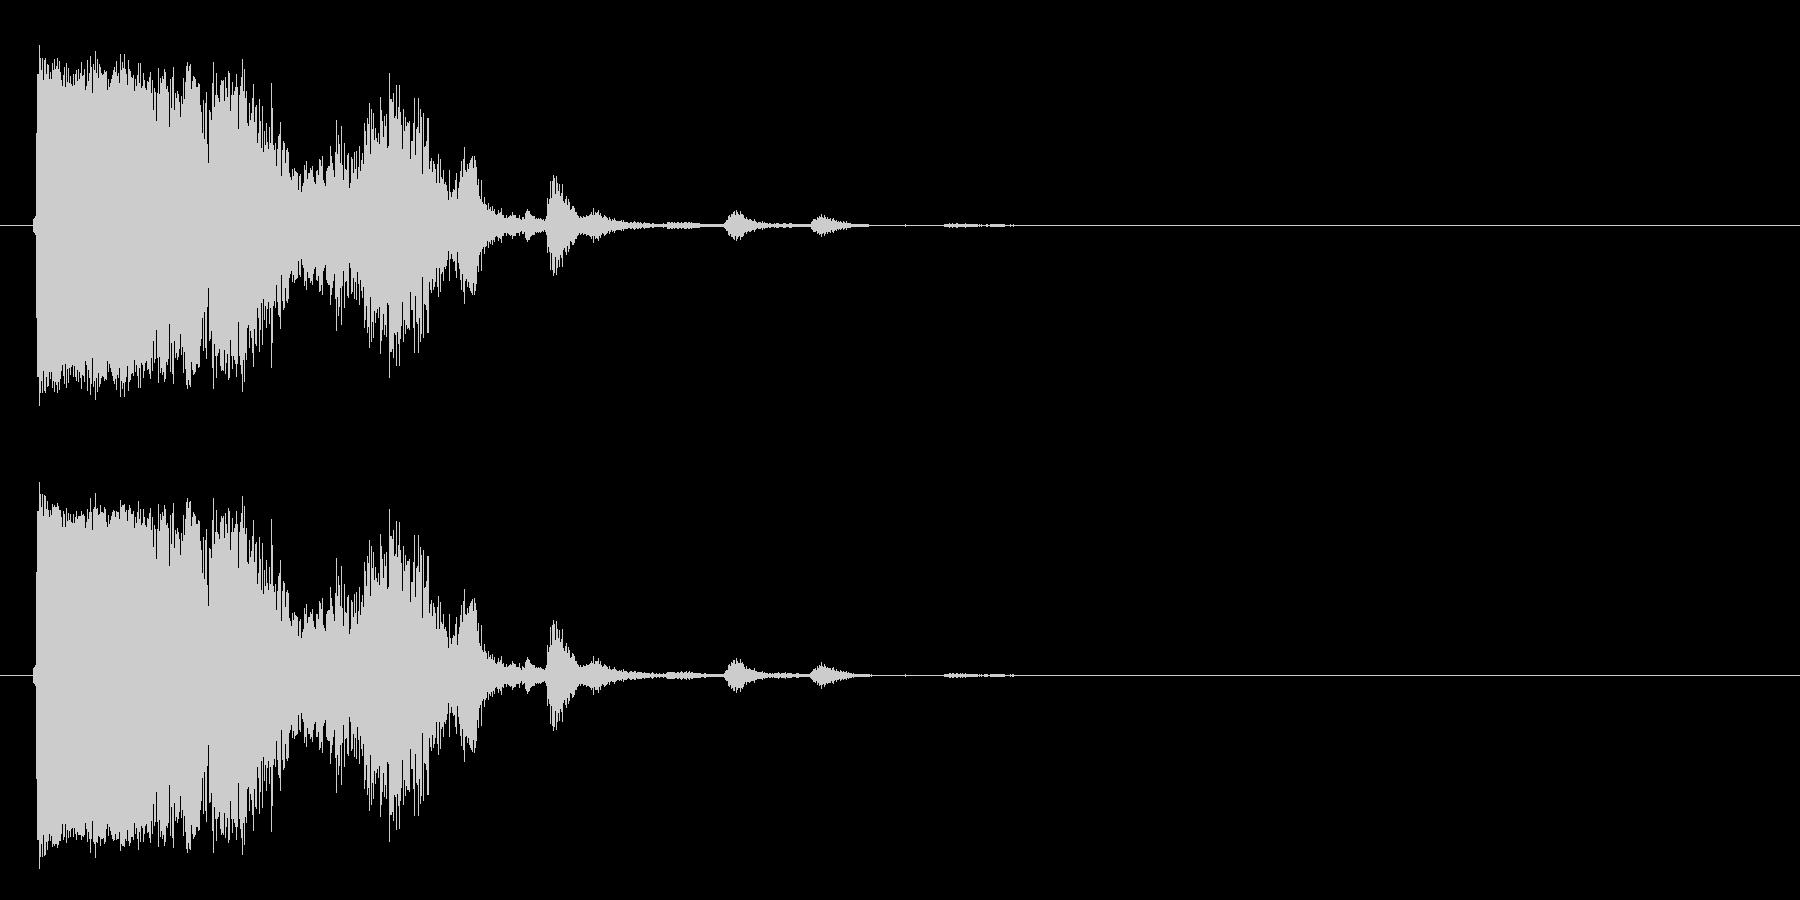 ハードクラッシュメタルヒットメタル...の未再生の波形